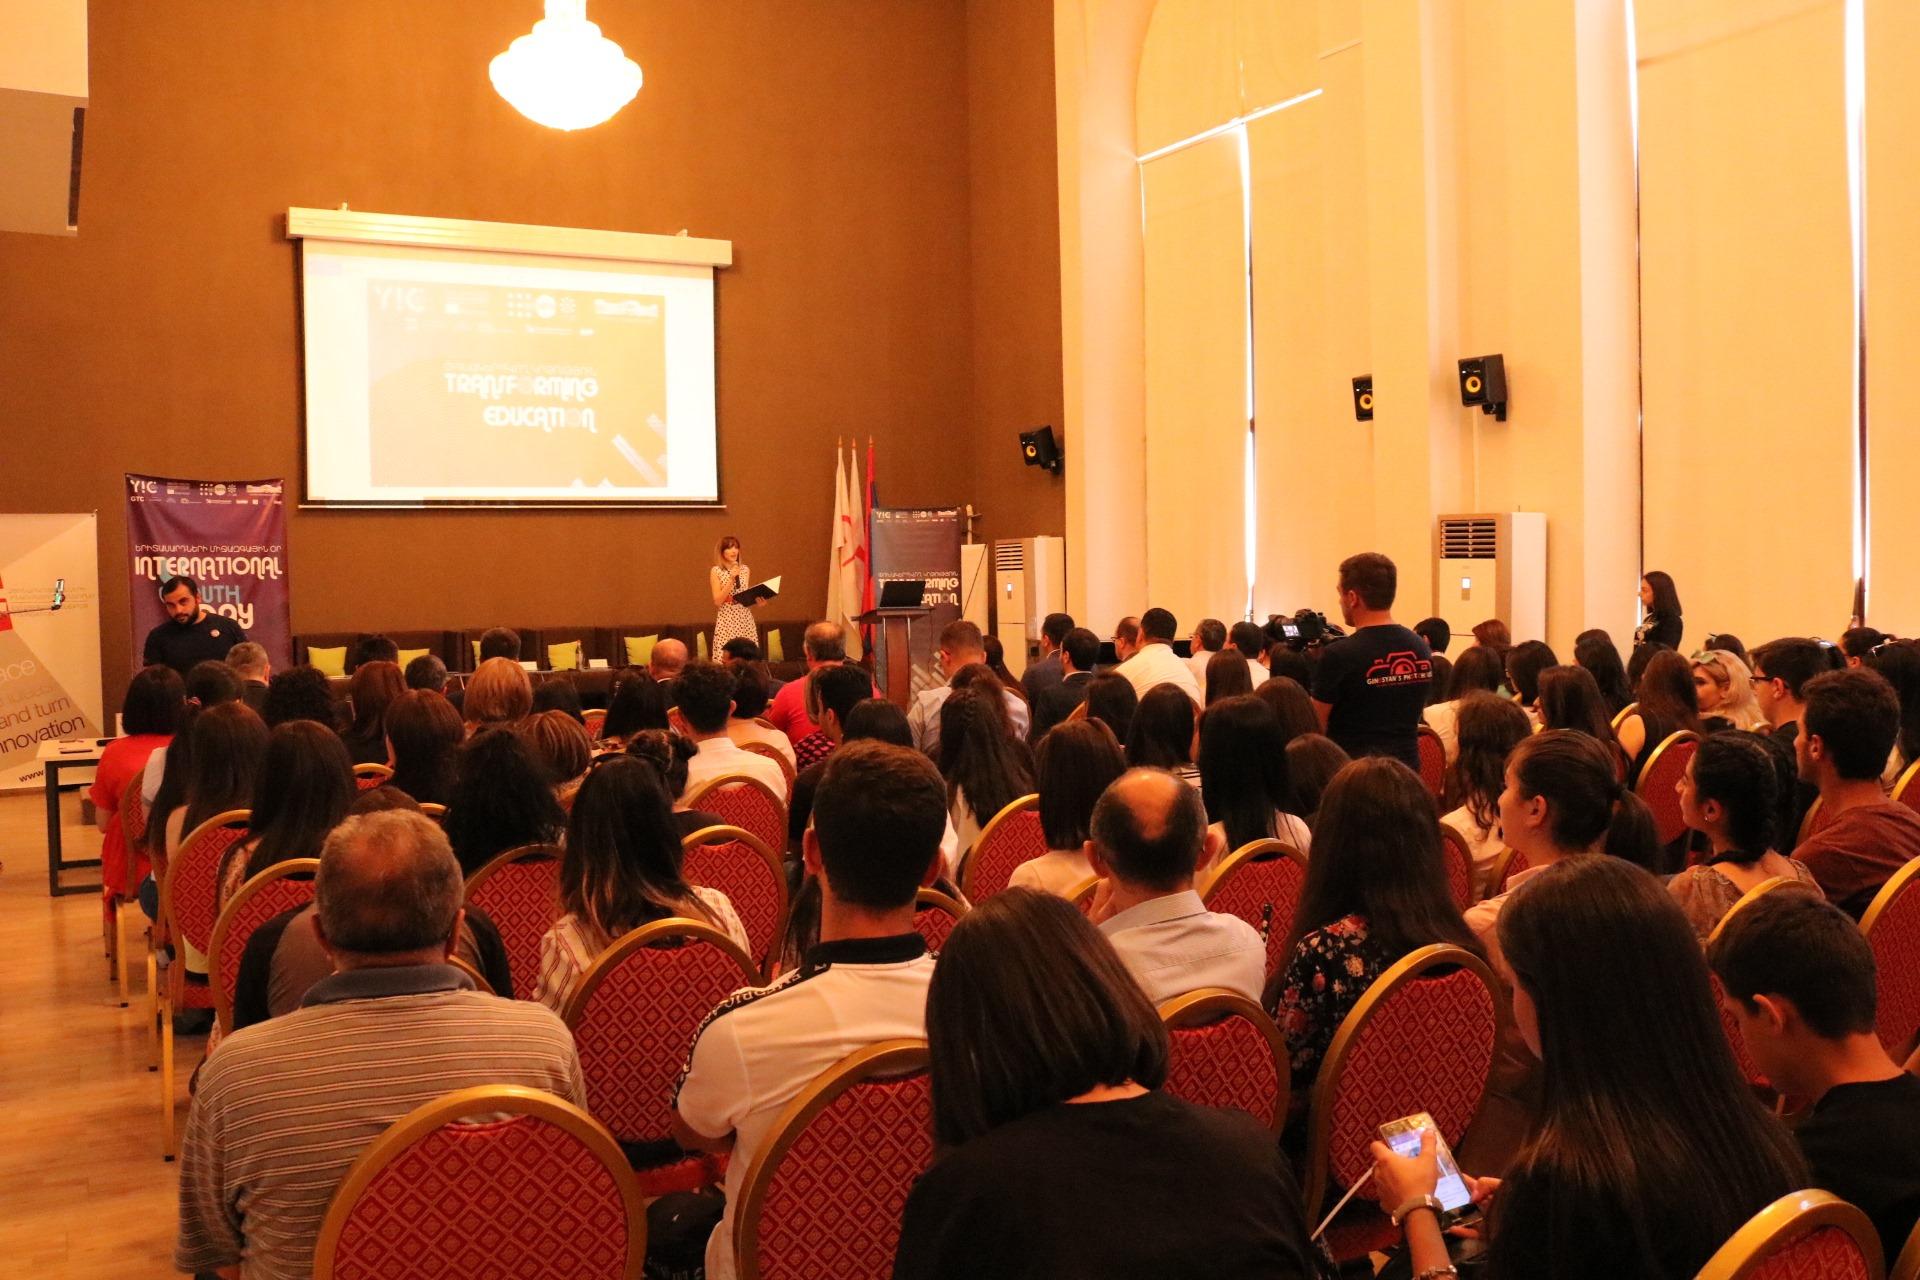 Տեղի ունեցավ Երիտասարդների տոնին նվիրված համաժողով